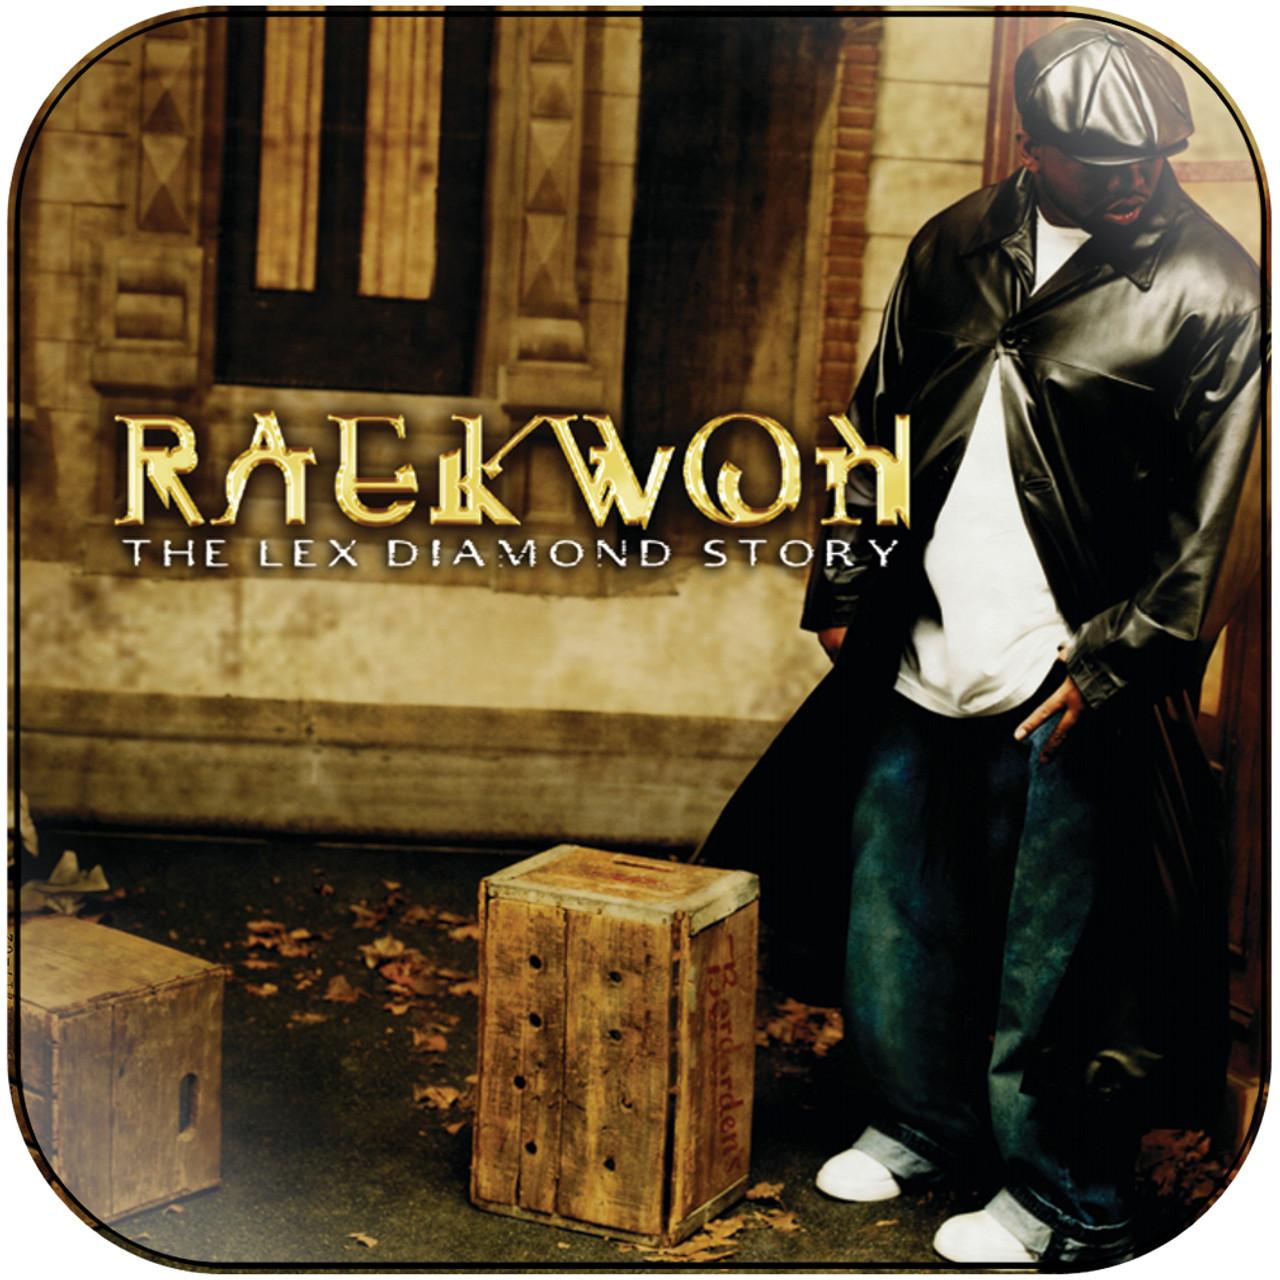 Raekwon - the lex diamond story Album Cover Sticker Album Cover Sticker